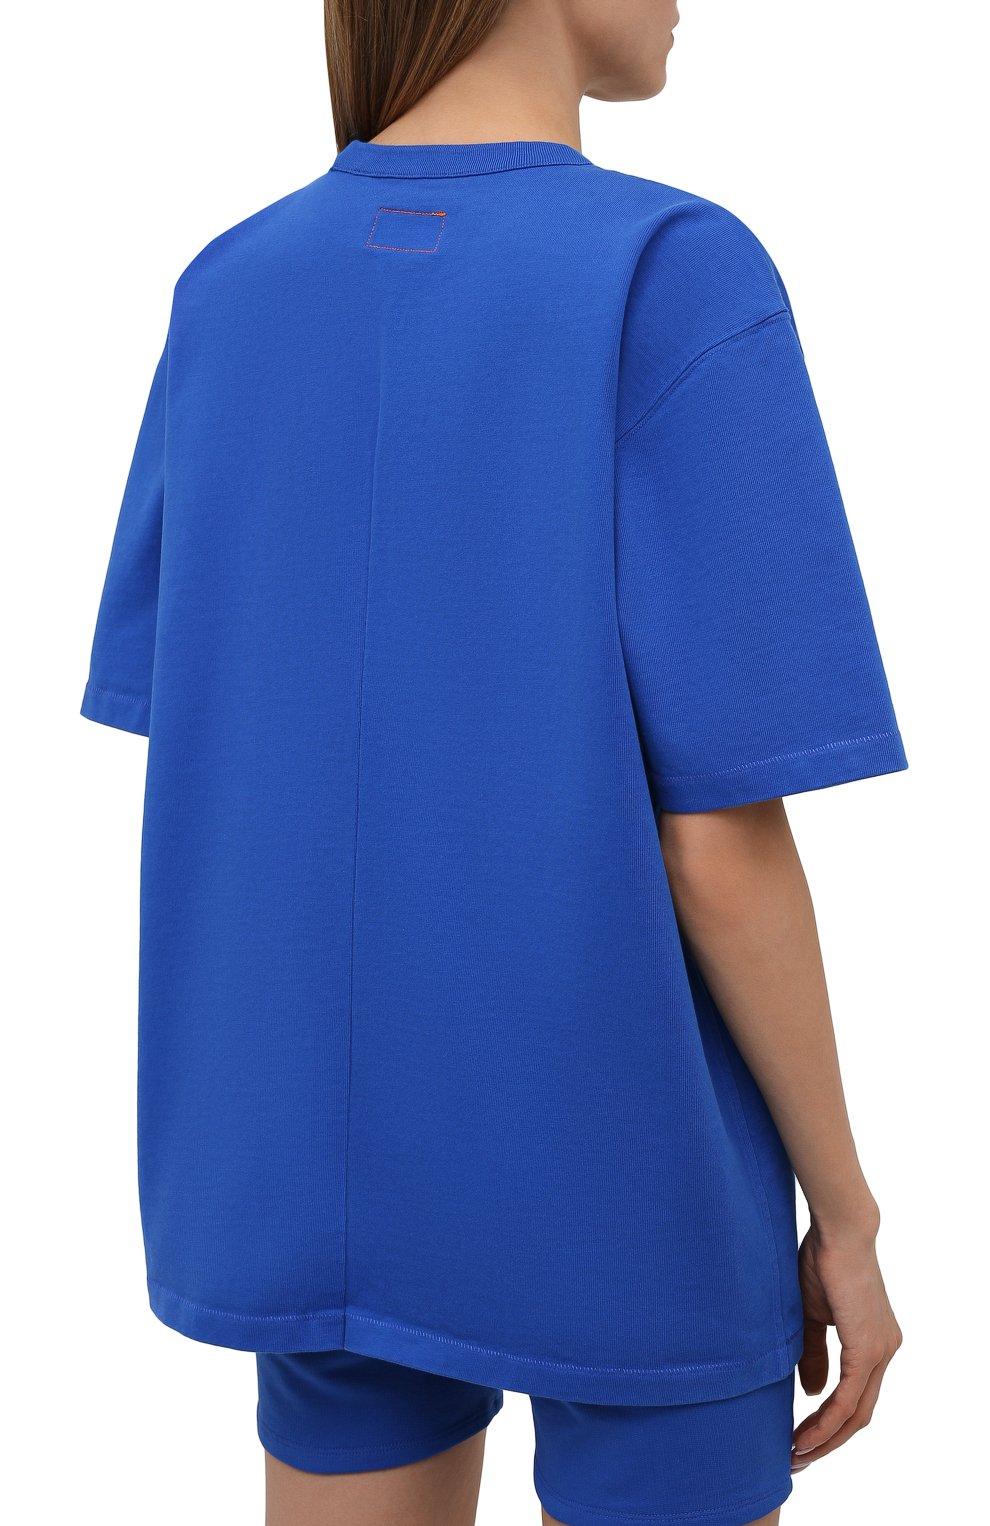 Женская хлопковая футболка HERON PRESTON FOR CALVIN KLEIN синего цвета, арт. K10K108252 | Фото 4 (Женское Кросс-КТ: Футболка-спорт; Принт: Без принта; Рукава: Короткие; Длина (для топов): Стандартные; Материал внешний: Хлопок; Стили: Спорт-шик)